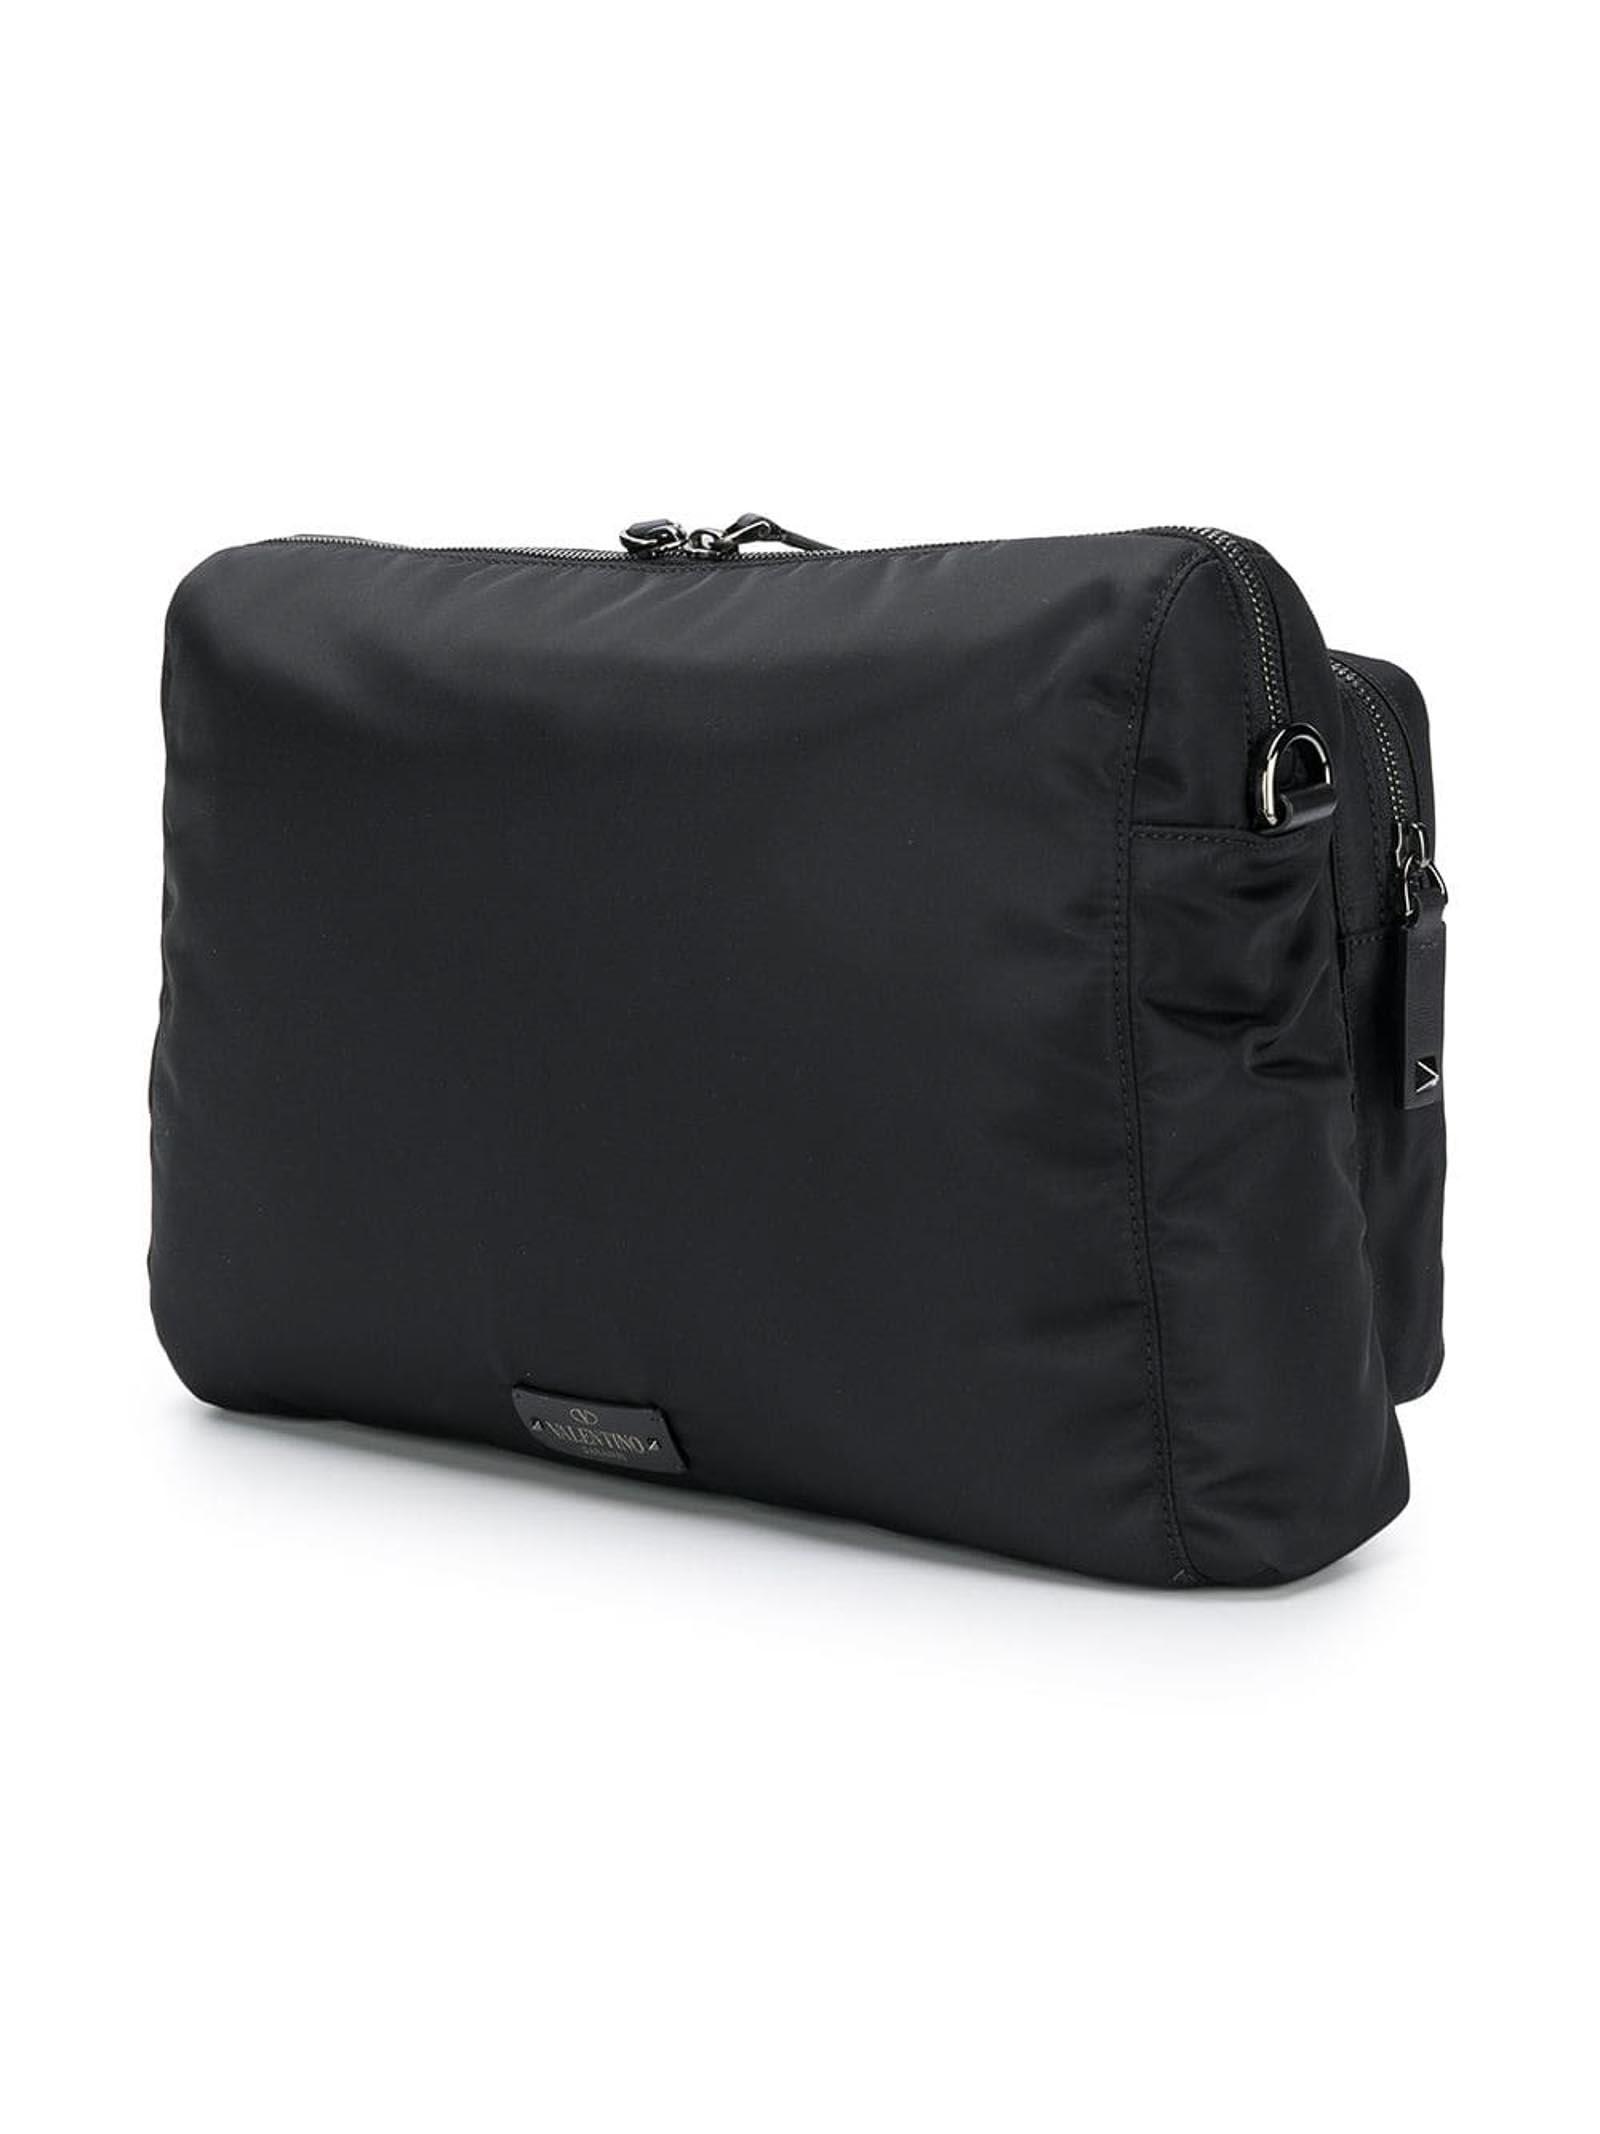 15c14988704d Valentino Designer Bags